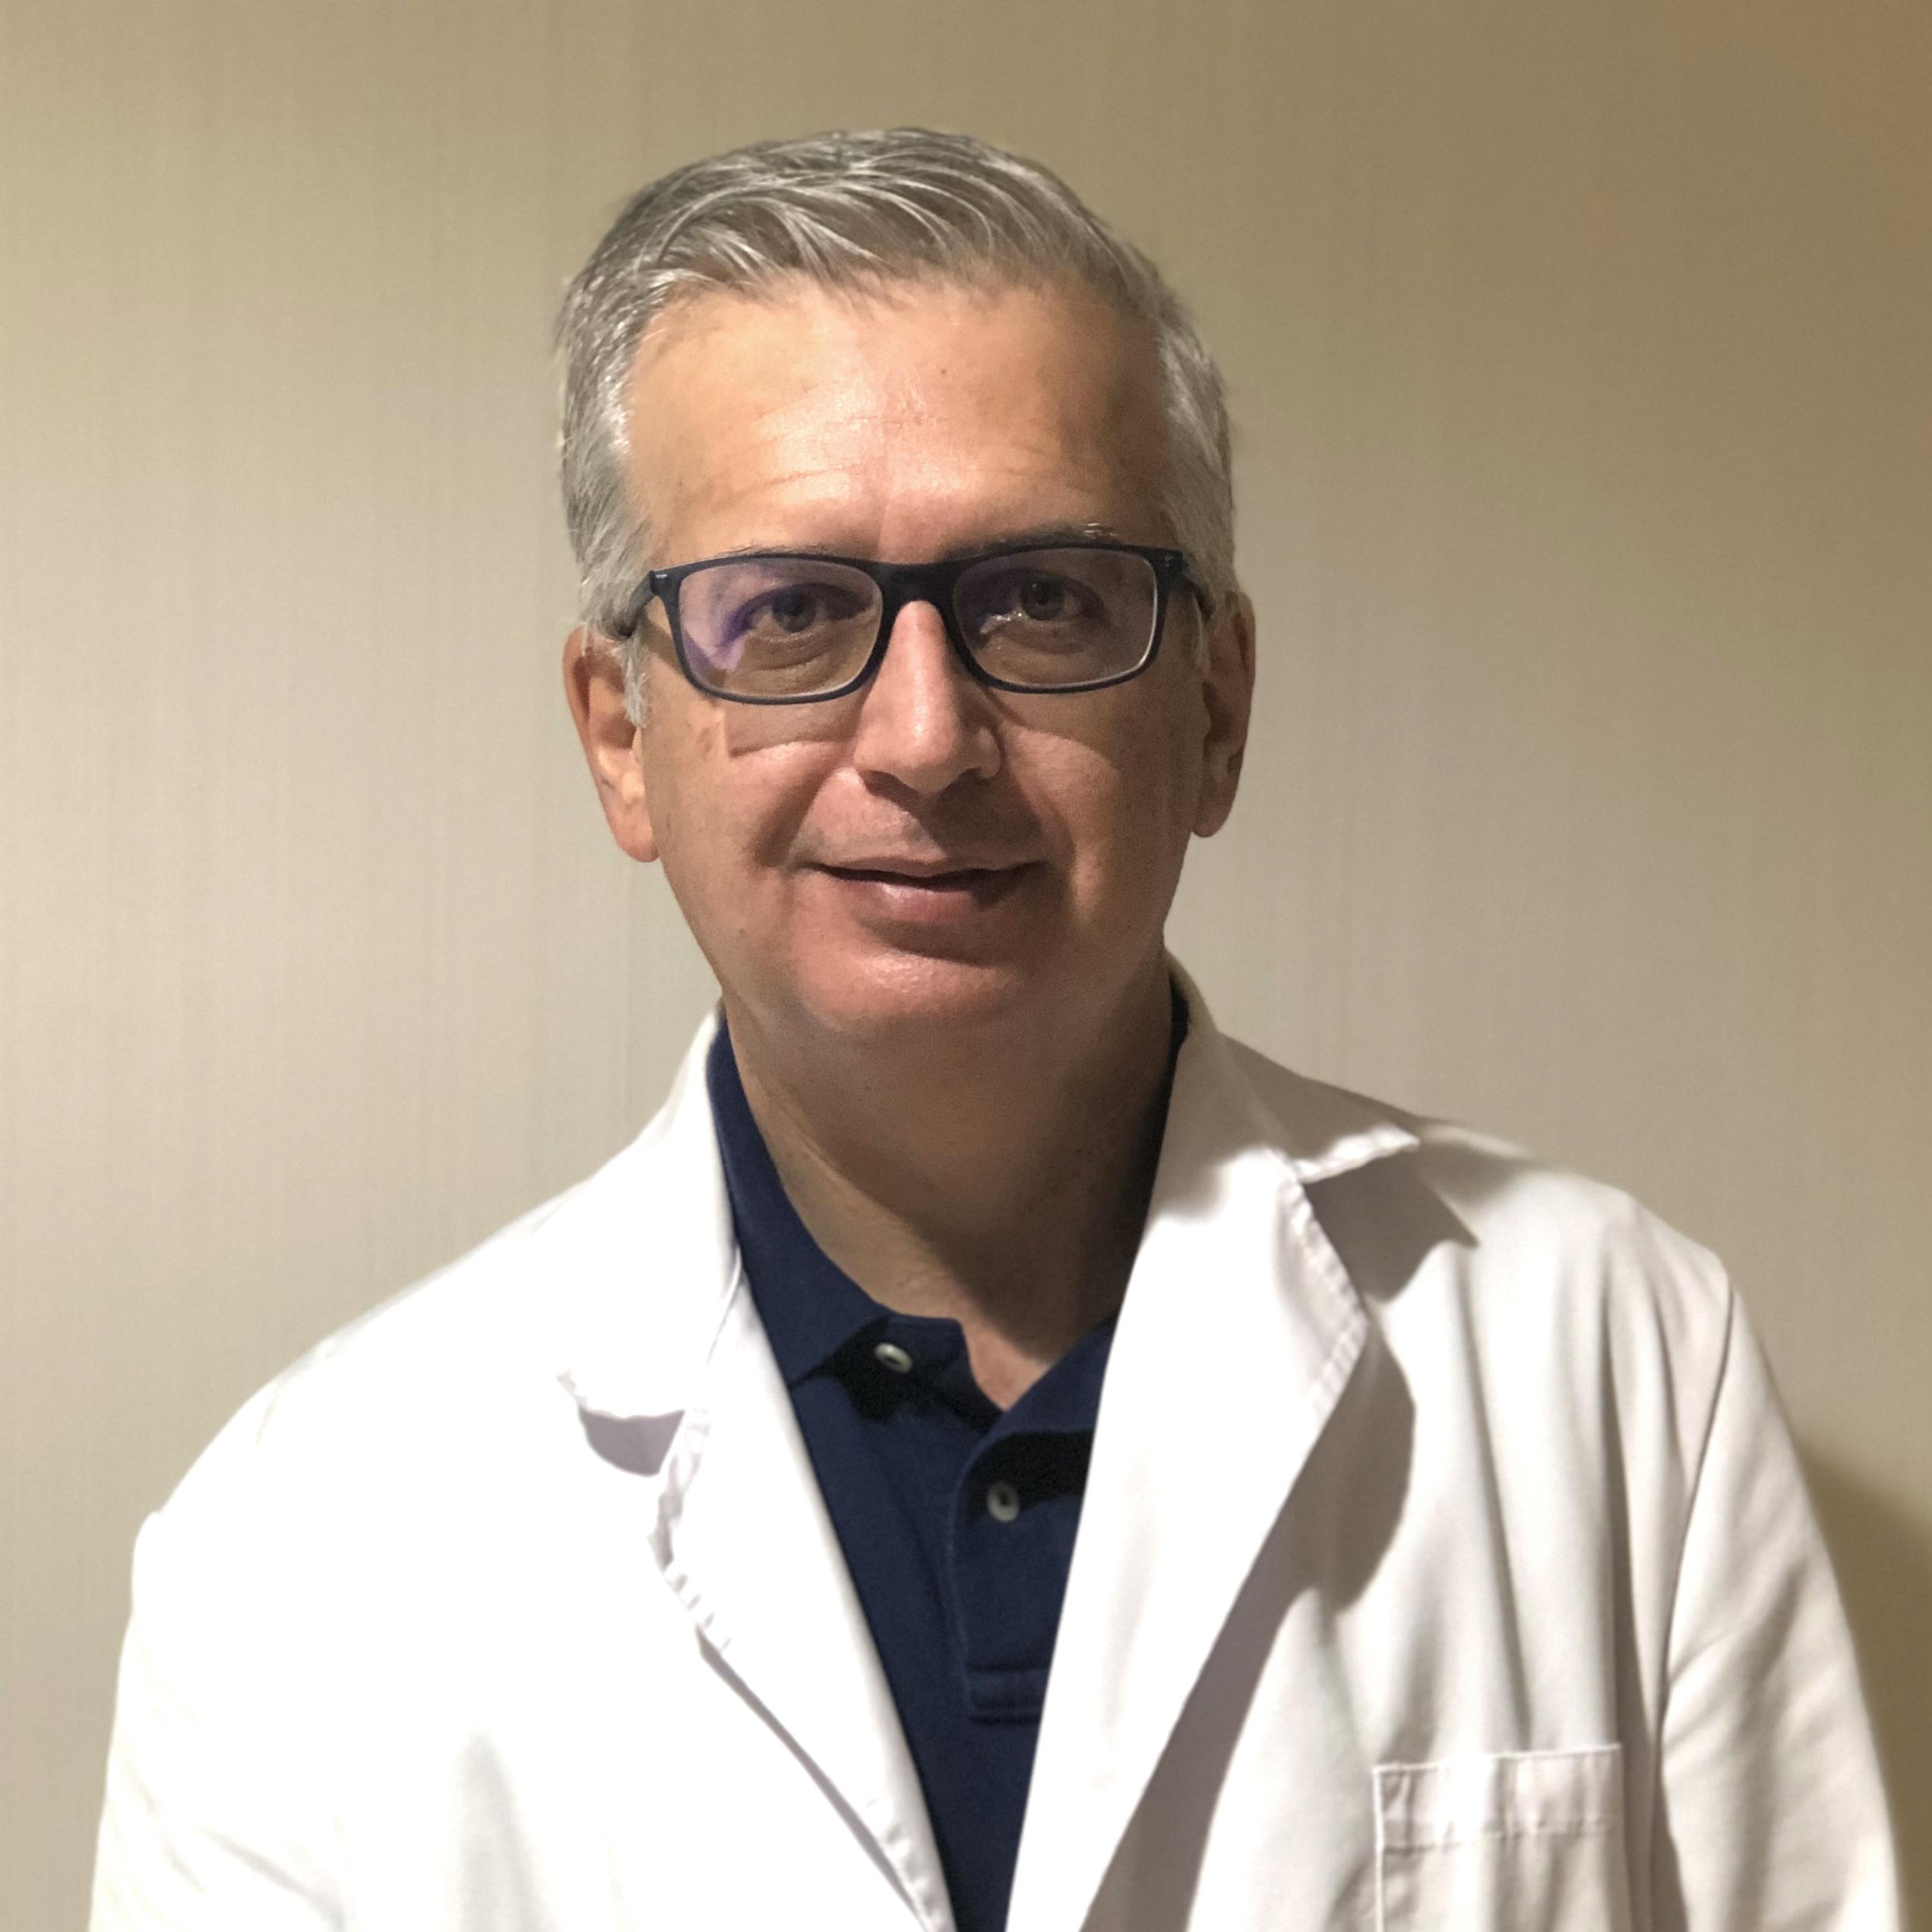 José M. Alonso Rivero